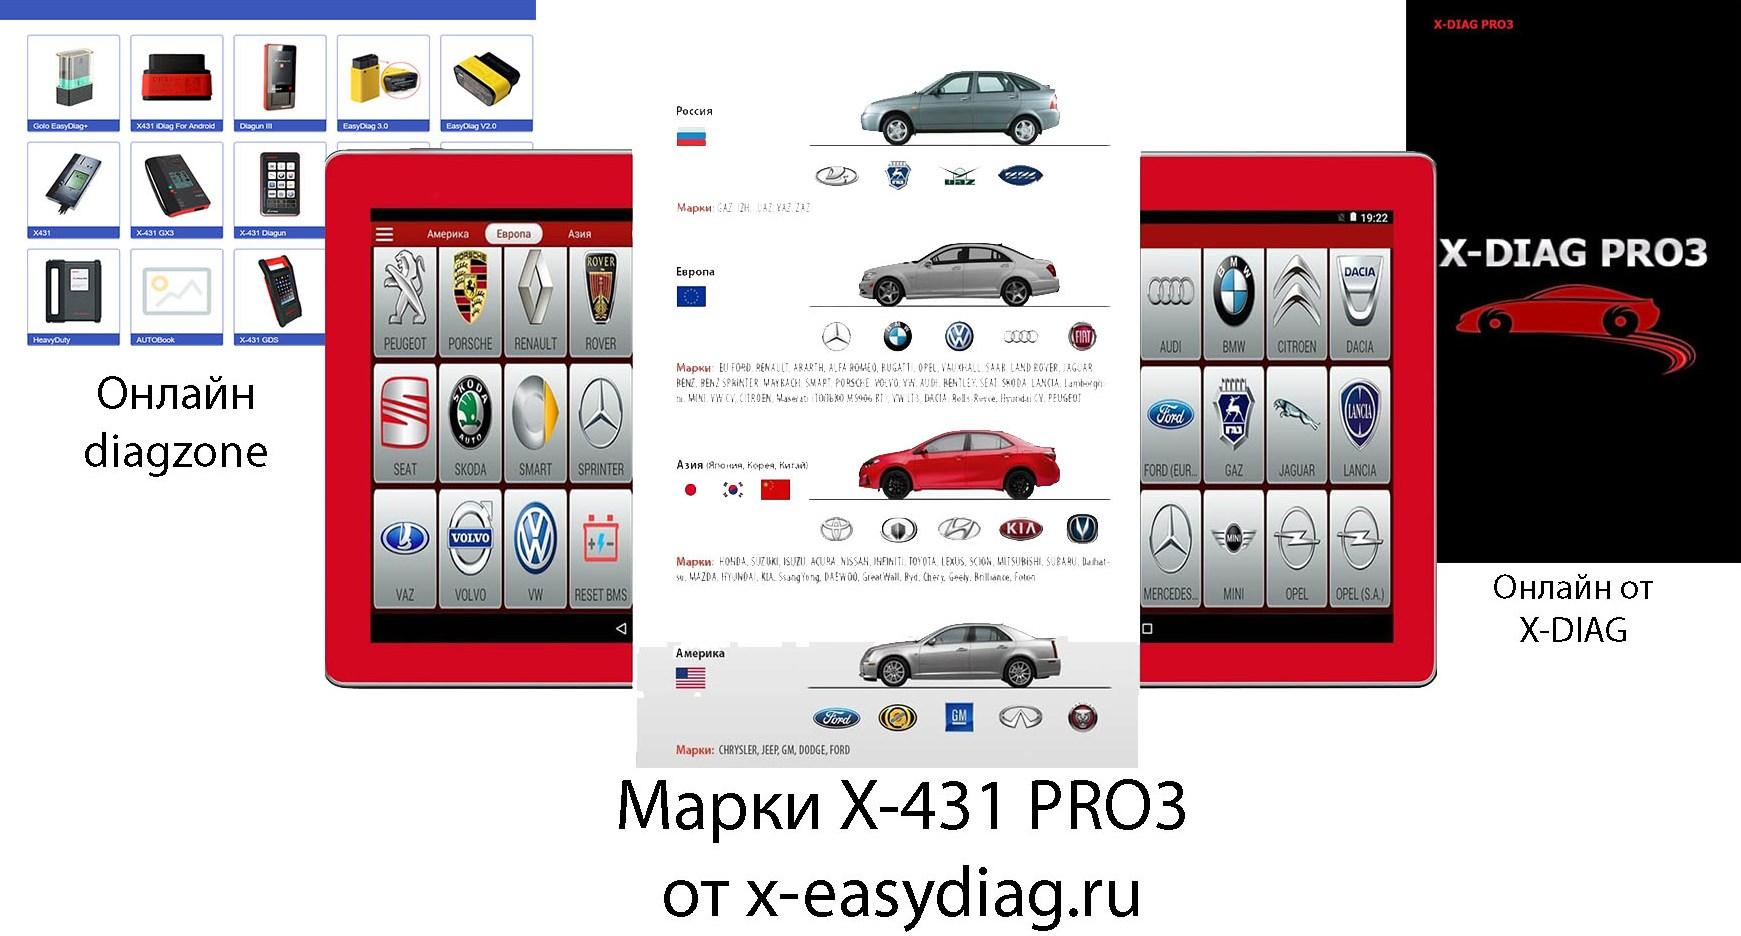 Онлайн активация X-Diag и Diagzone или марки X431 PRO3 — что лучше?